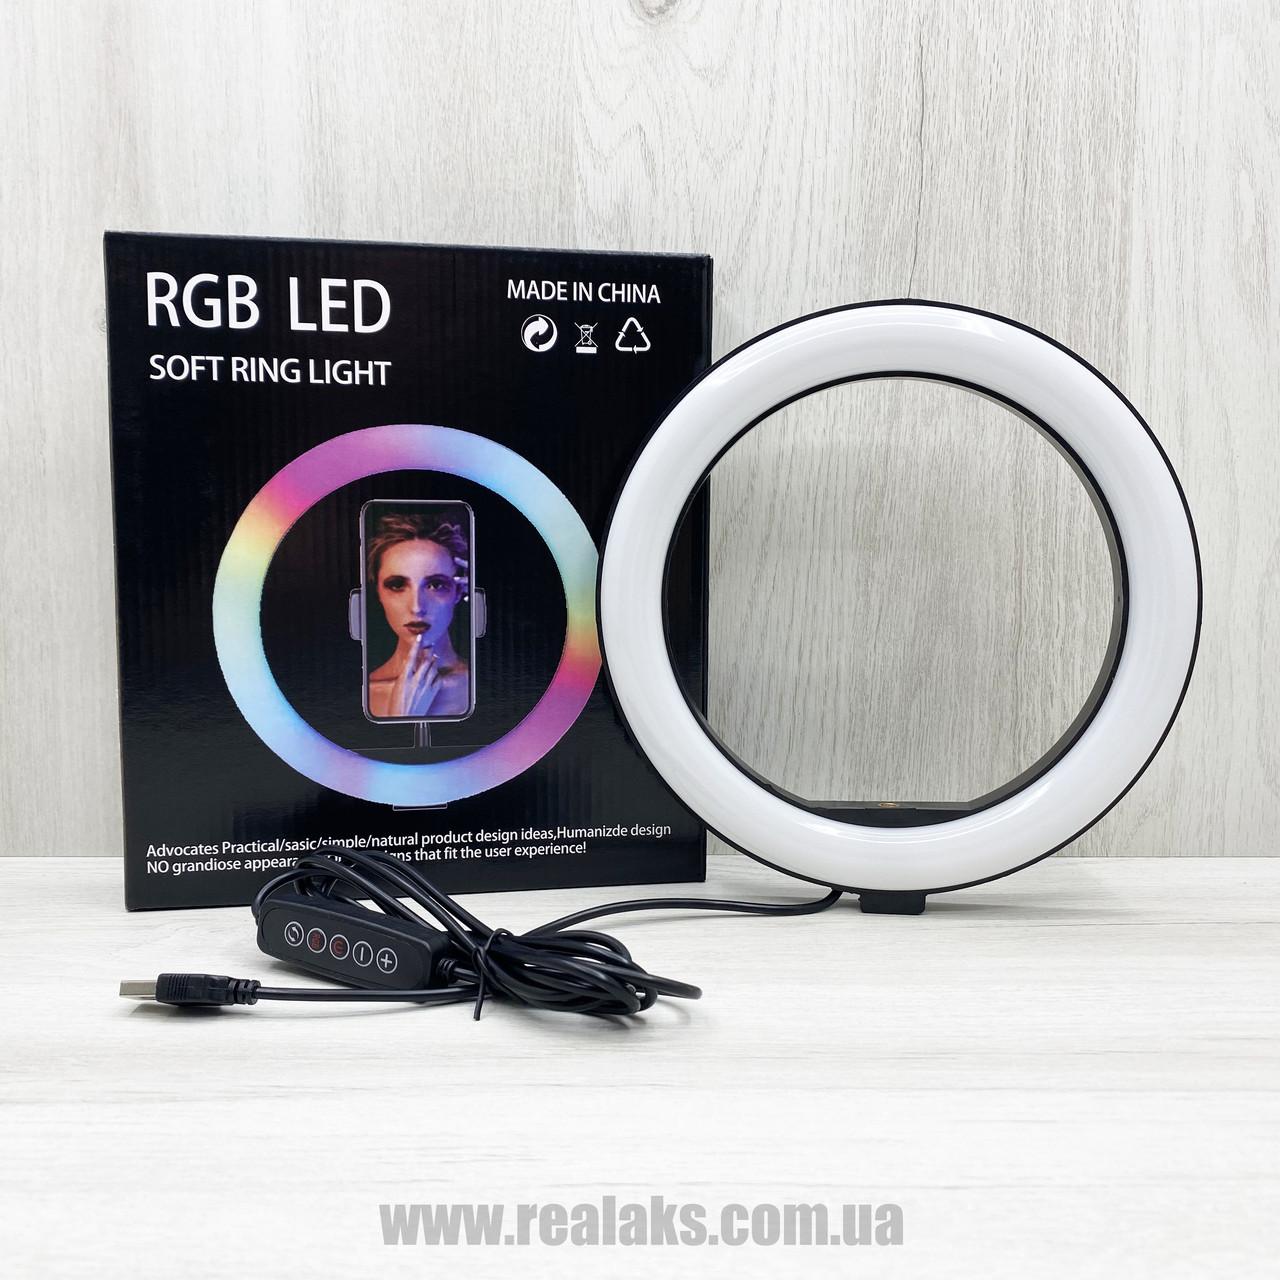 Многофункциональная кольцевая LED лампа RGB SOFT RING LIGHT MJ18 20см (без штатива)